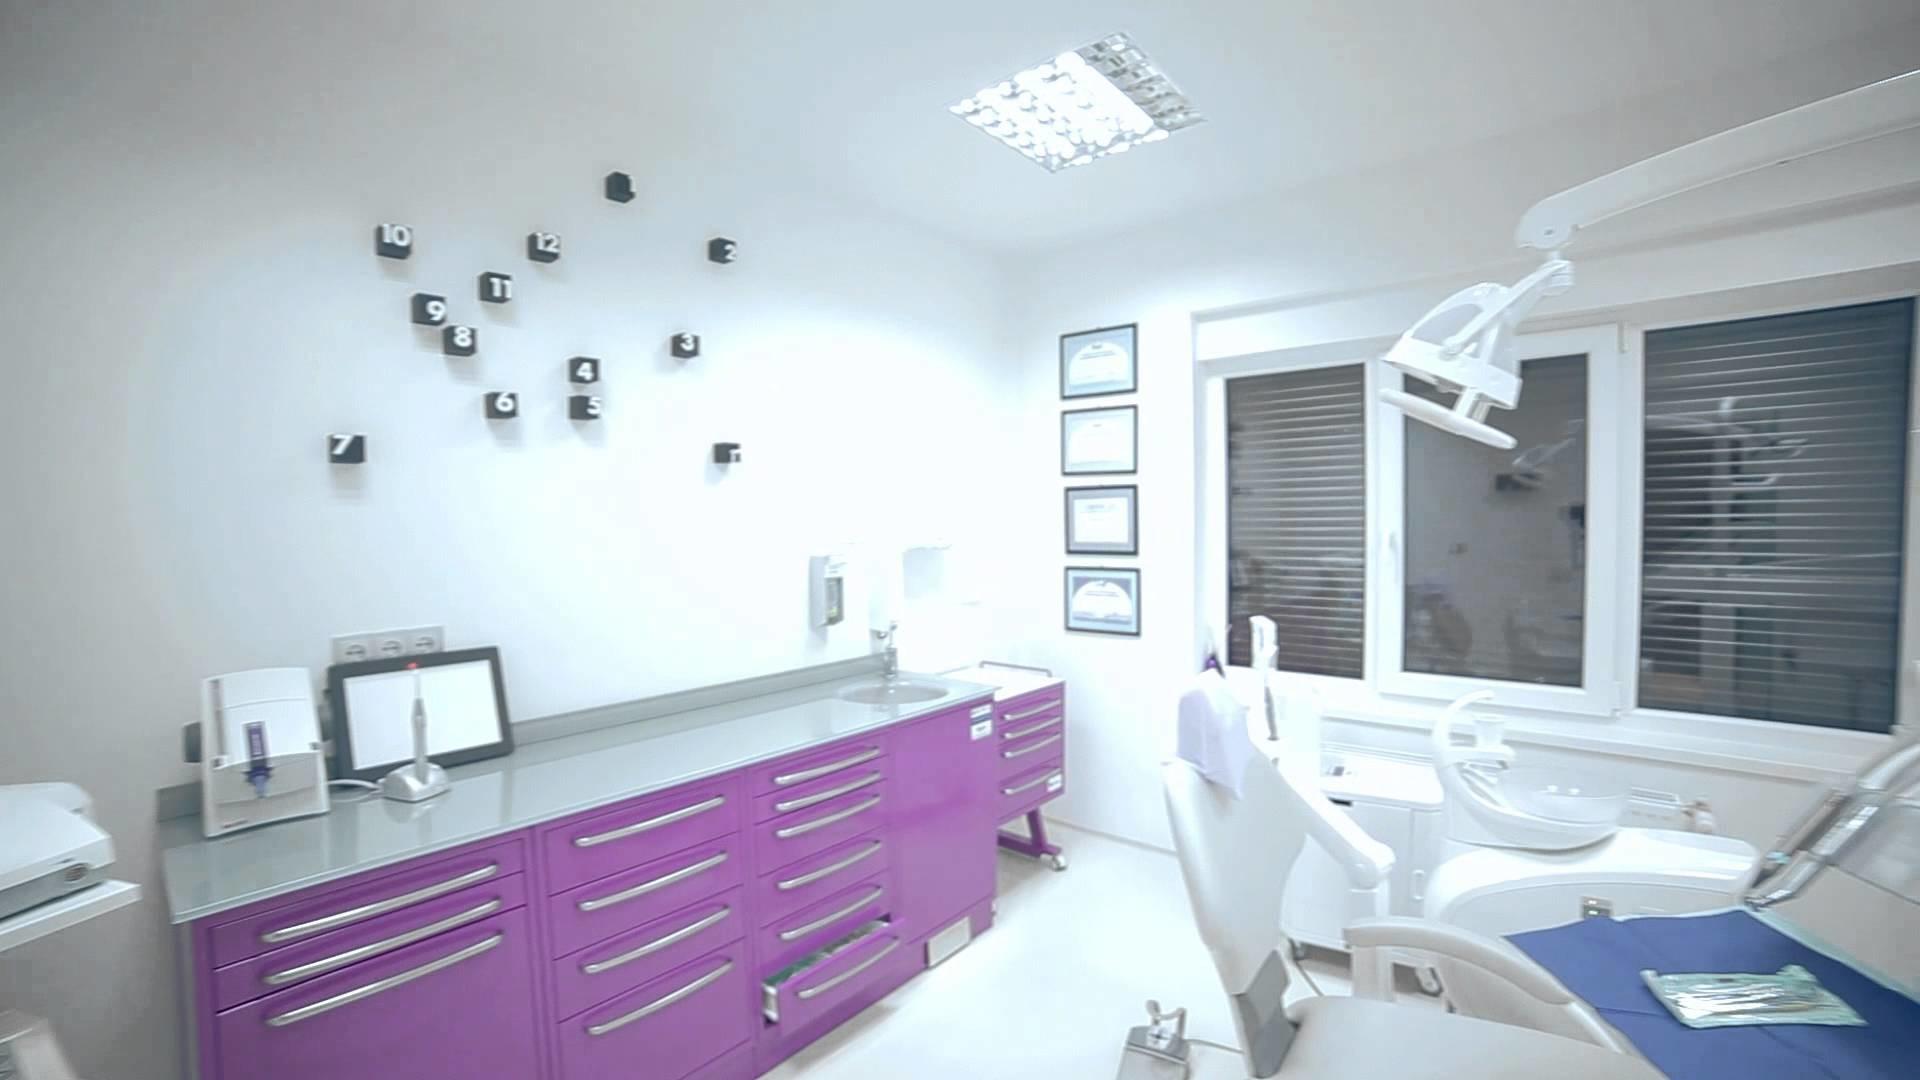 Wallpaper For Dental Clinic Novodent Dental Clinic